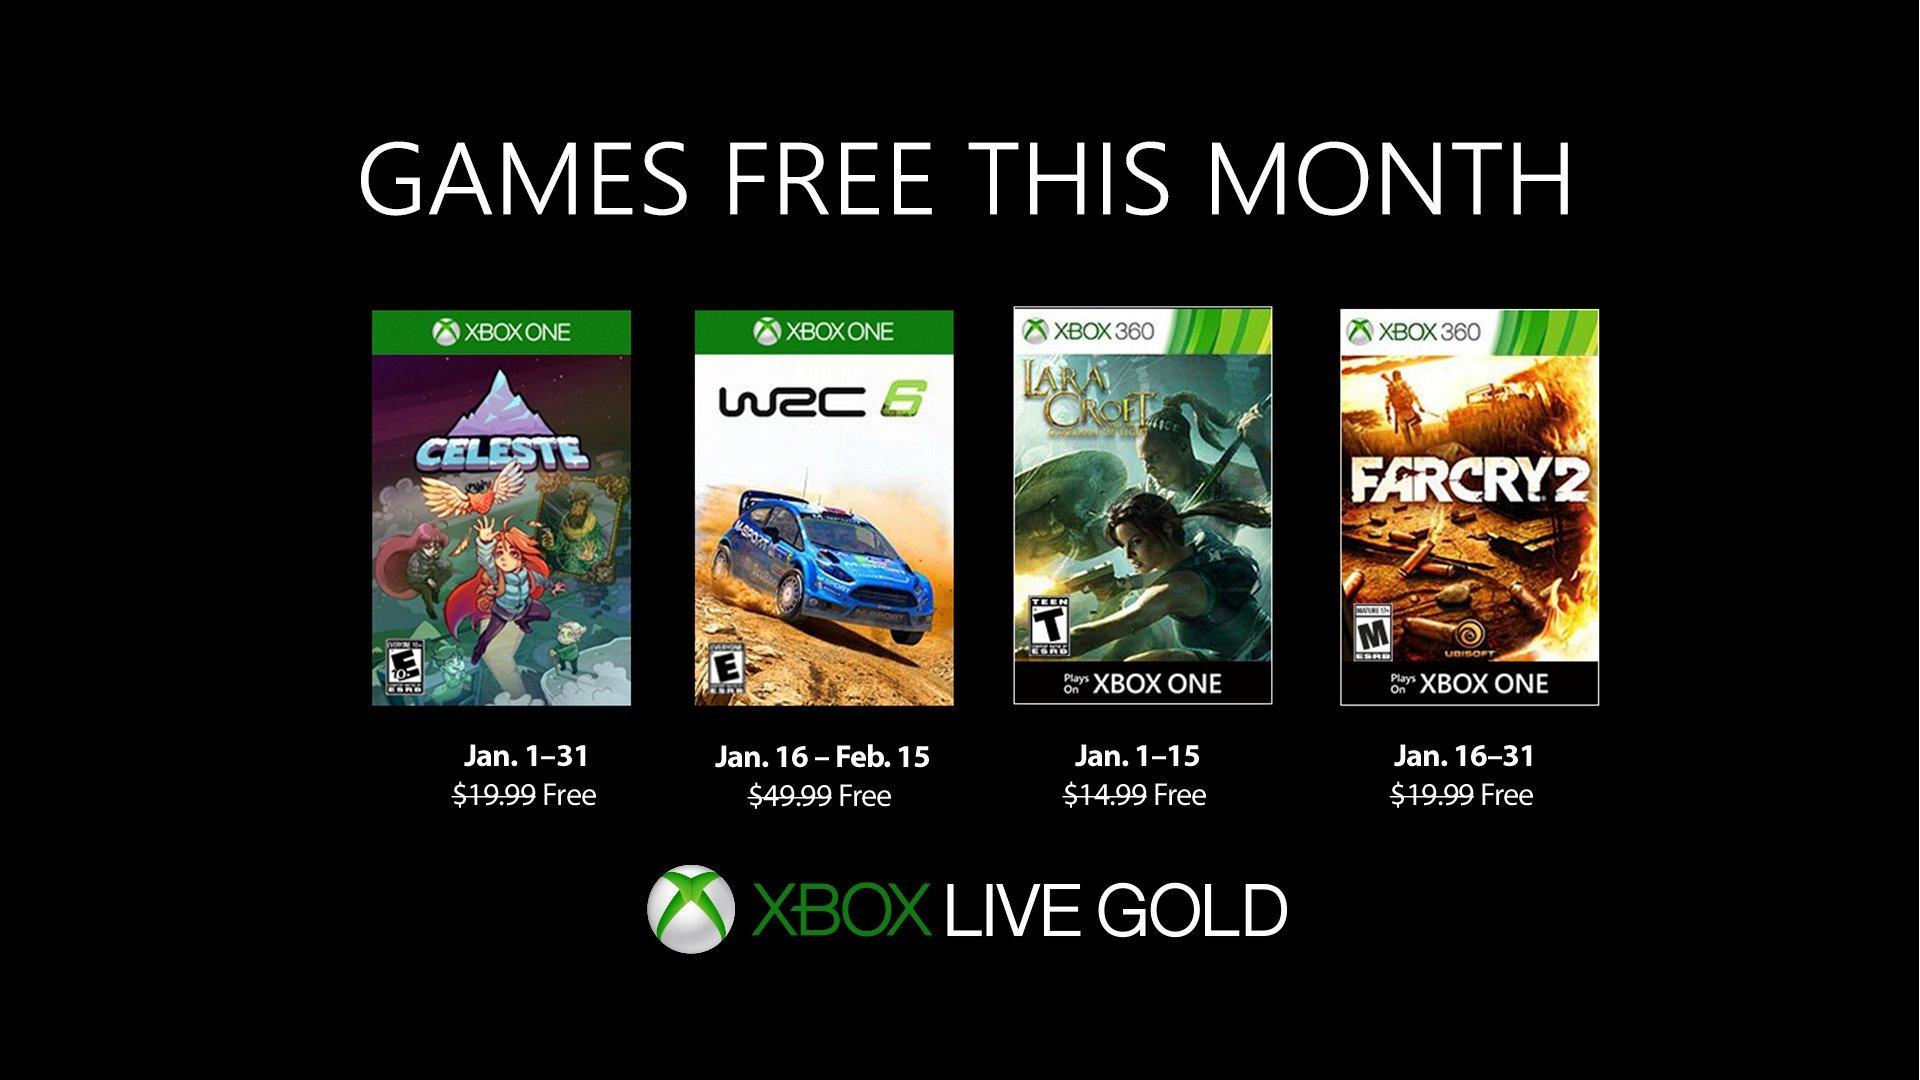 بازیهای رایگان ماه ژانویه Xbox برای کاربران Gold مشخص شدند